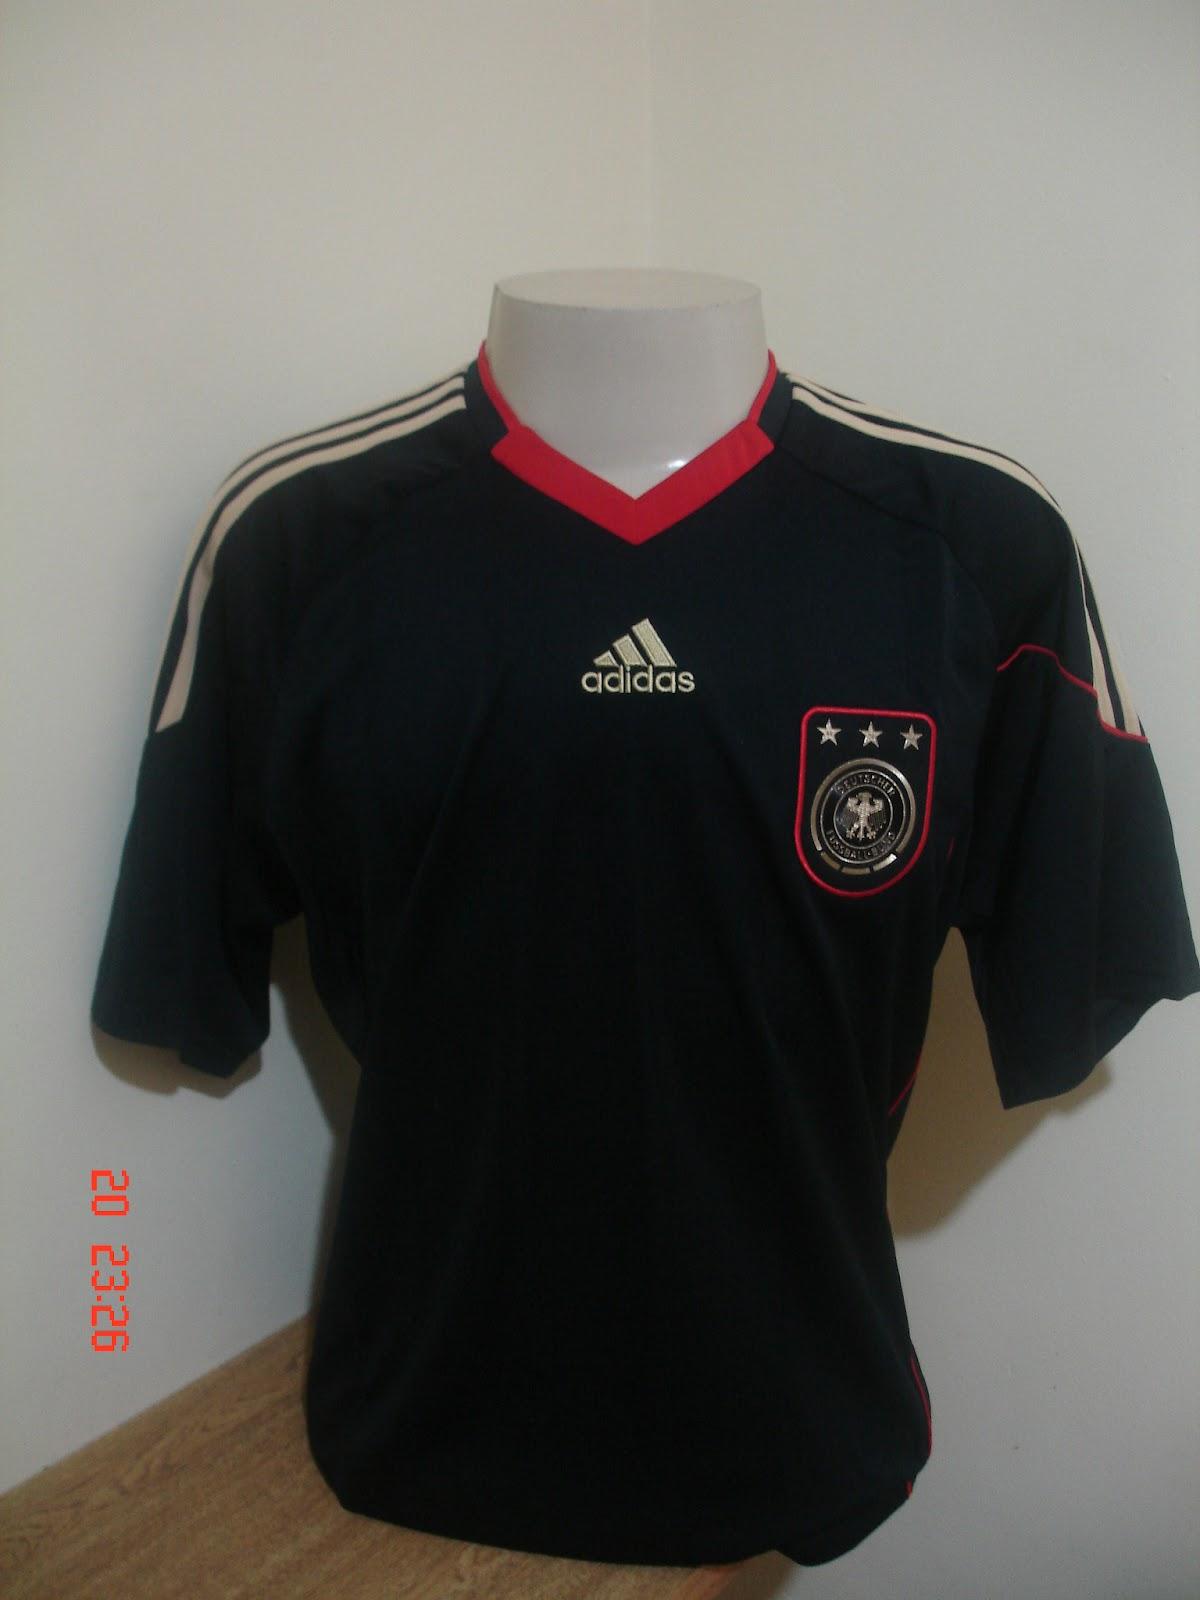 Uma das camisas mais bonitas para mim é a da Alemanha na copa de 2010. Ela  é toda preta e é mais bonita do que a camisa verde de 2012 24f023e4ba865